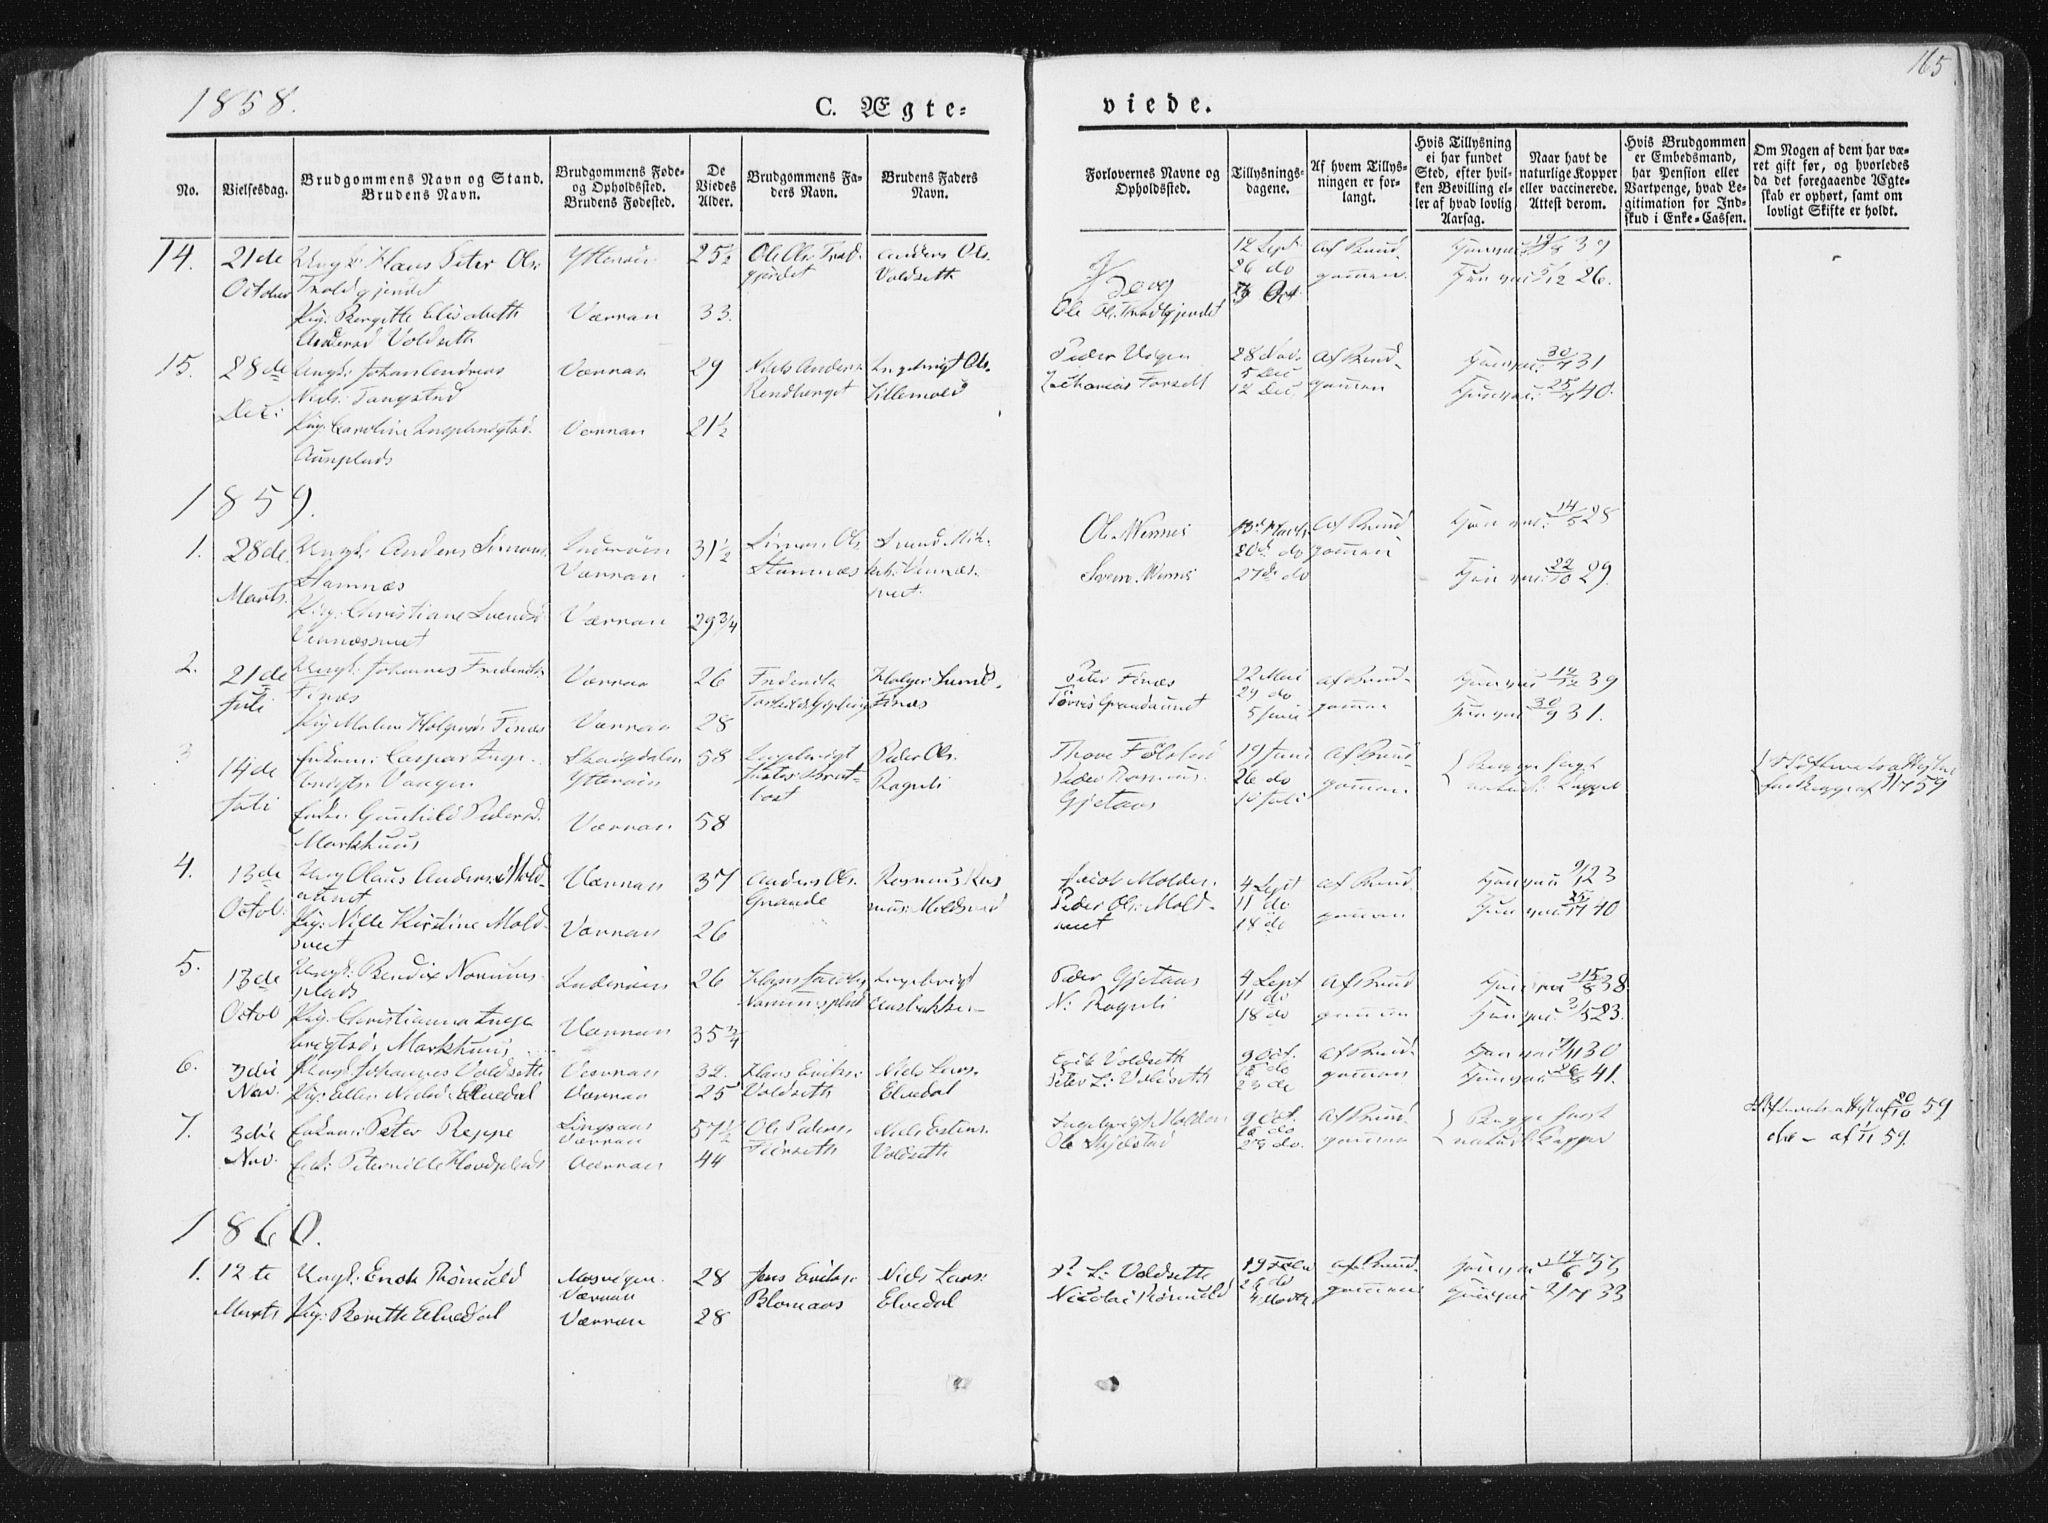 SAT, Ministerialprotokoller, klokkerbøker og fødselsregistre - Nord-Trøndelag, 744/L0418: Ministerialbok nr. 744A02, 1843-1866, s. 165